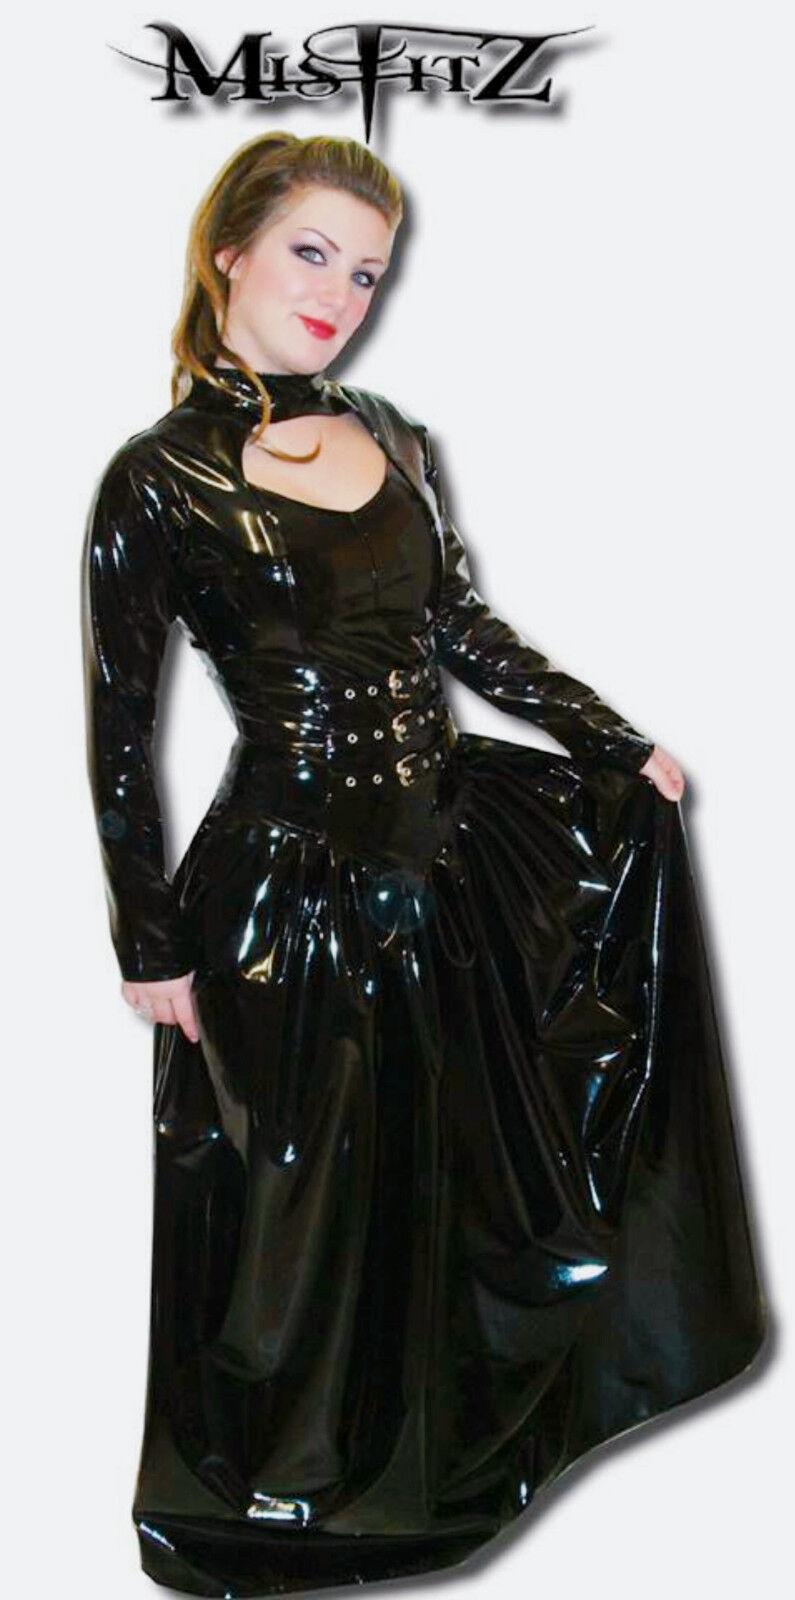 Misfitz schwarz pvc buckle gothic ballgown, Größes 8-32 made to measure goth TV CD